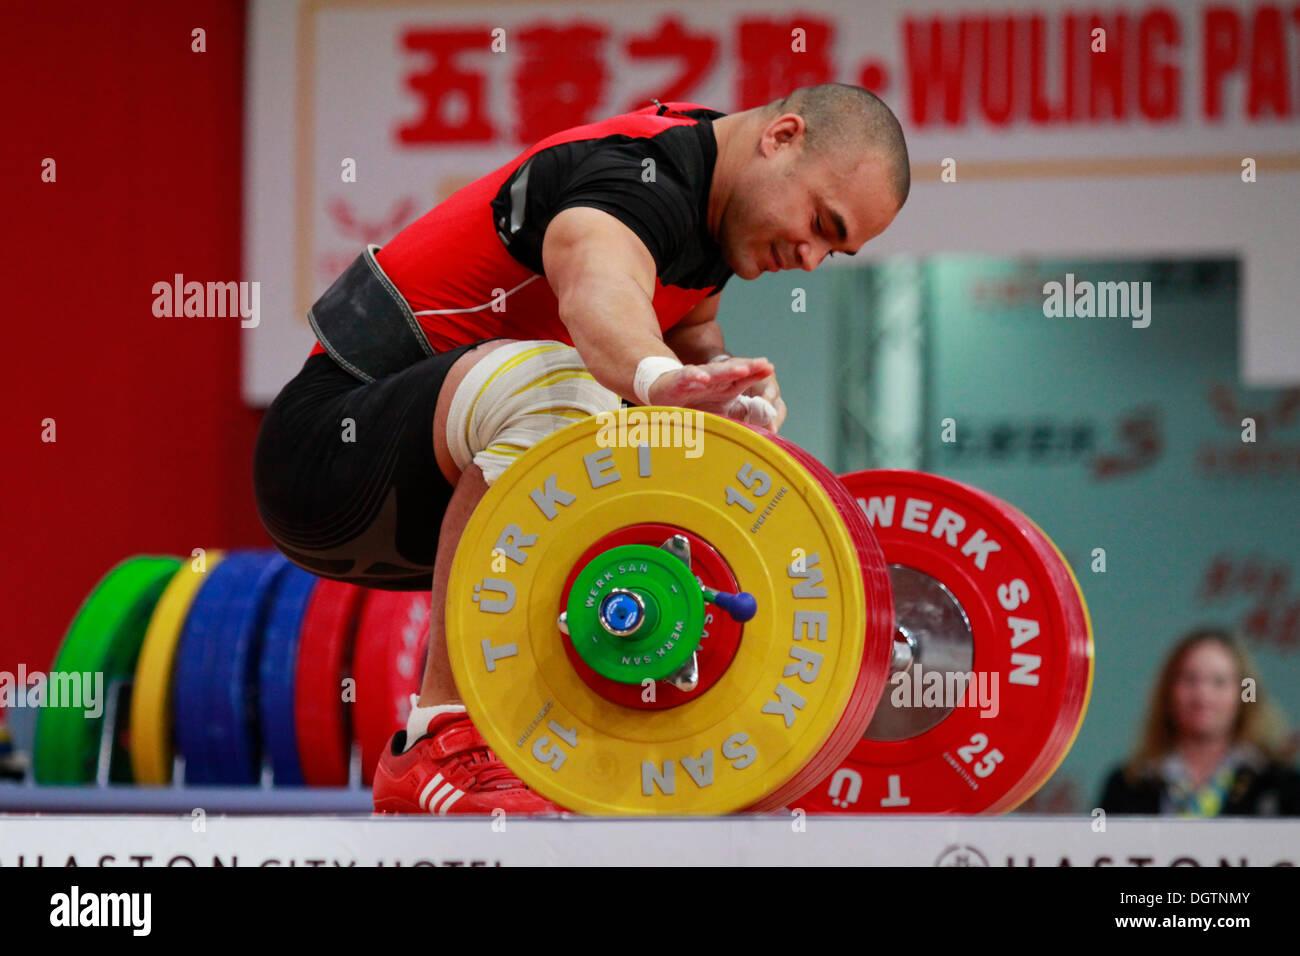 Wroclaw, Polonia. 25 Oct, 2013. Yoelmis Hernández (CUB) durante el hombre de 85 kg grupo A finales de 2013 Imagen De Stock